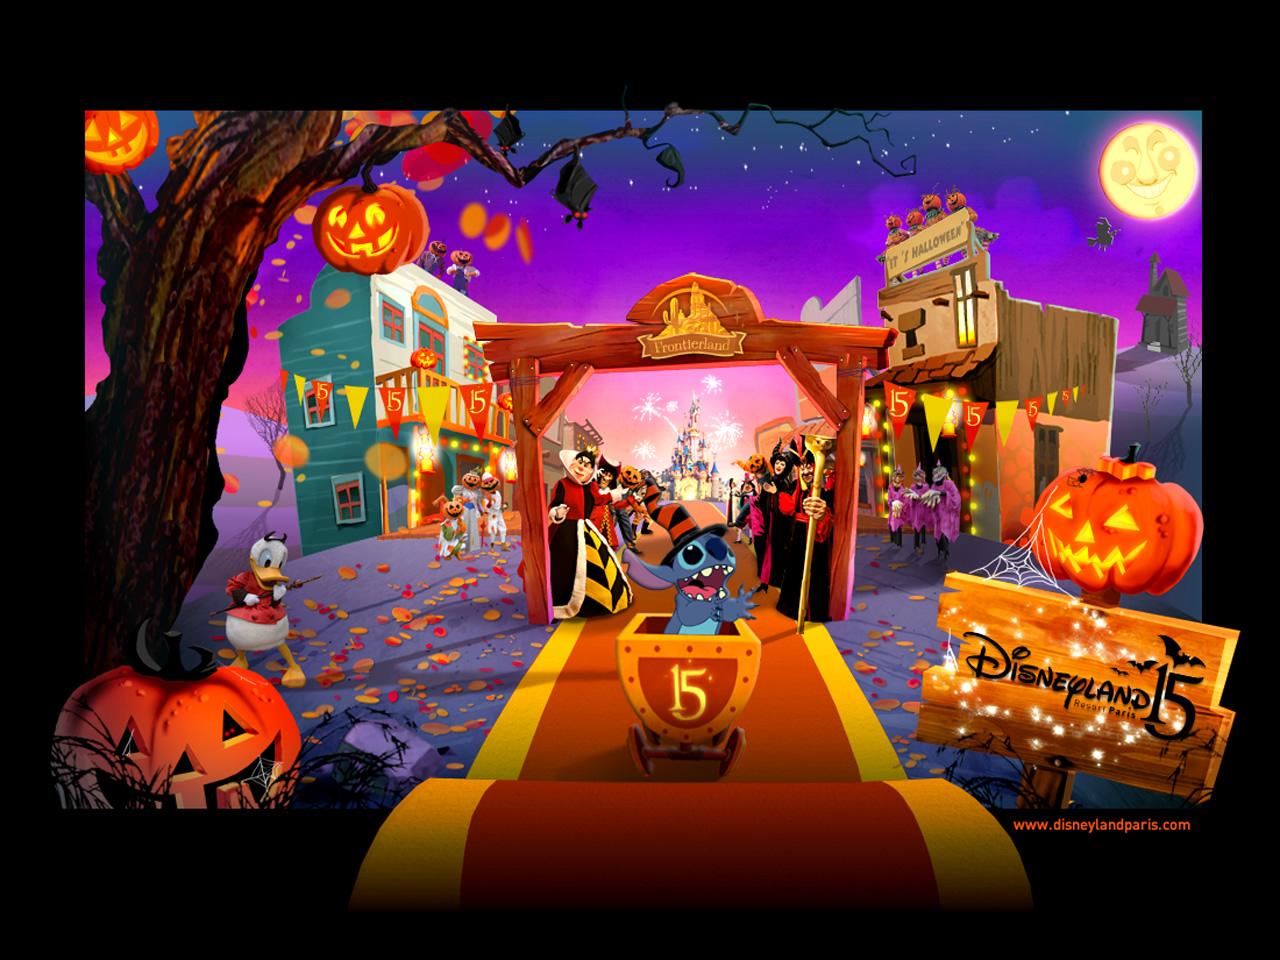 Disney halloween wallpaper backgrounds wallpapersafari - Disney halloween images ...